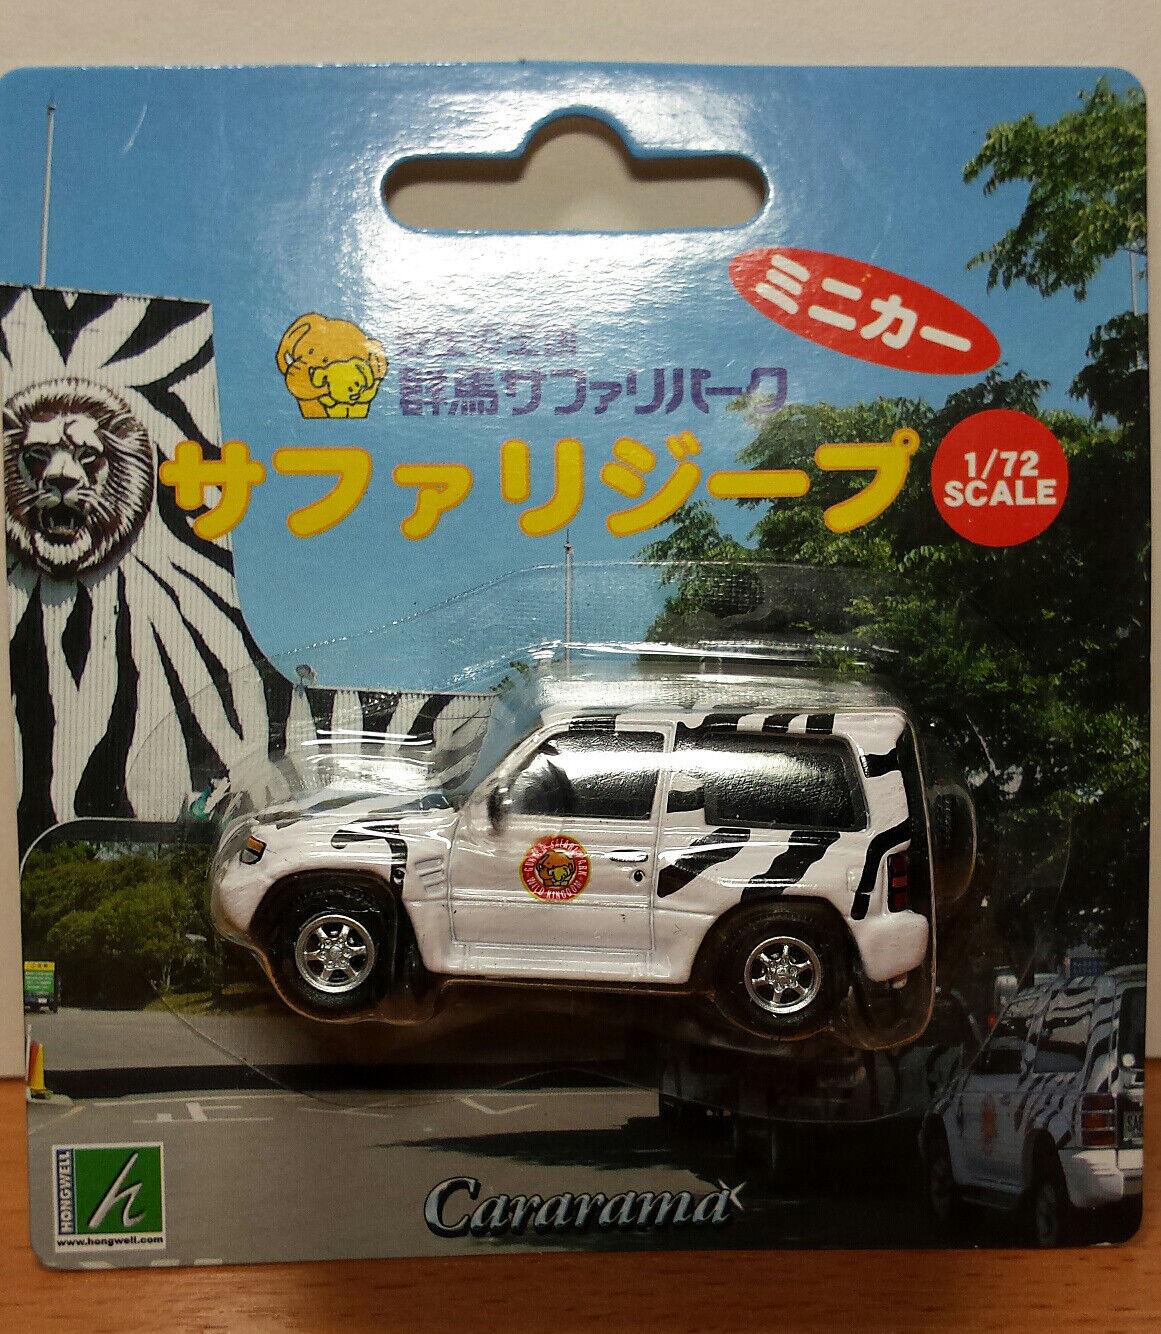 1 72 CARARAMA MITSUBISHI Pajero RARE